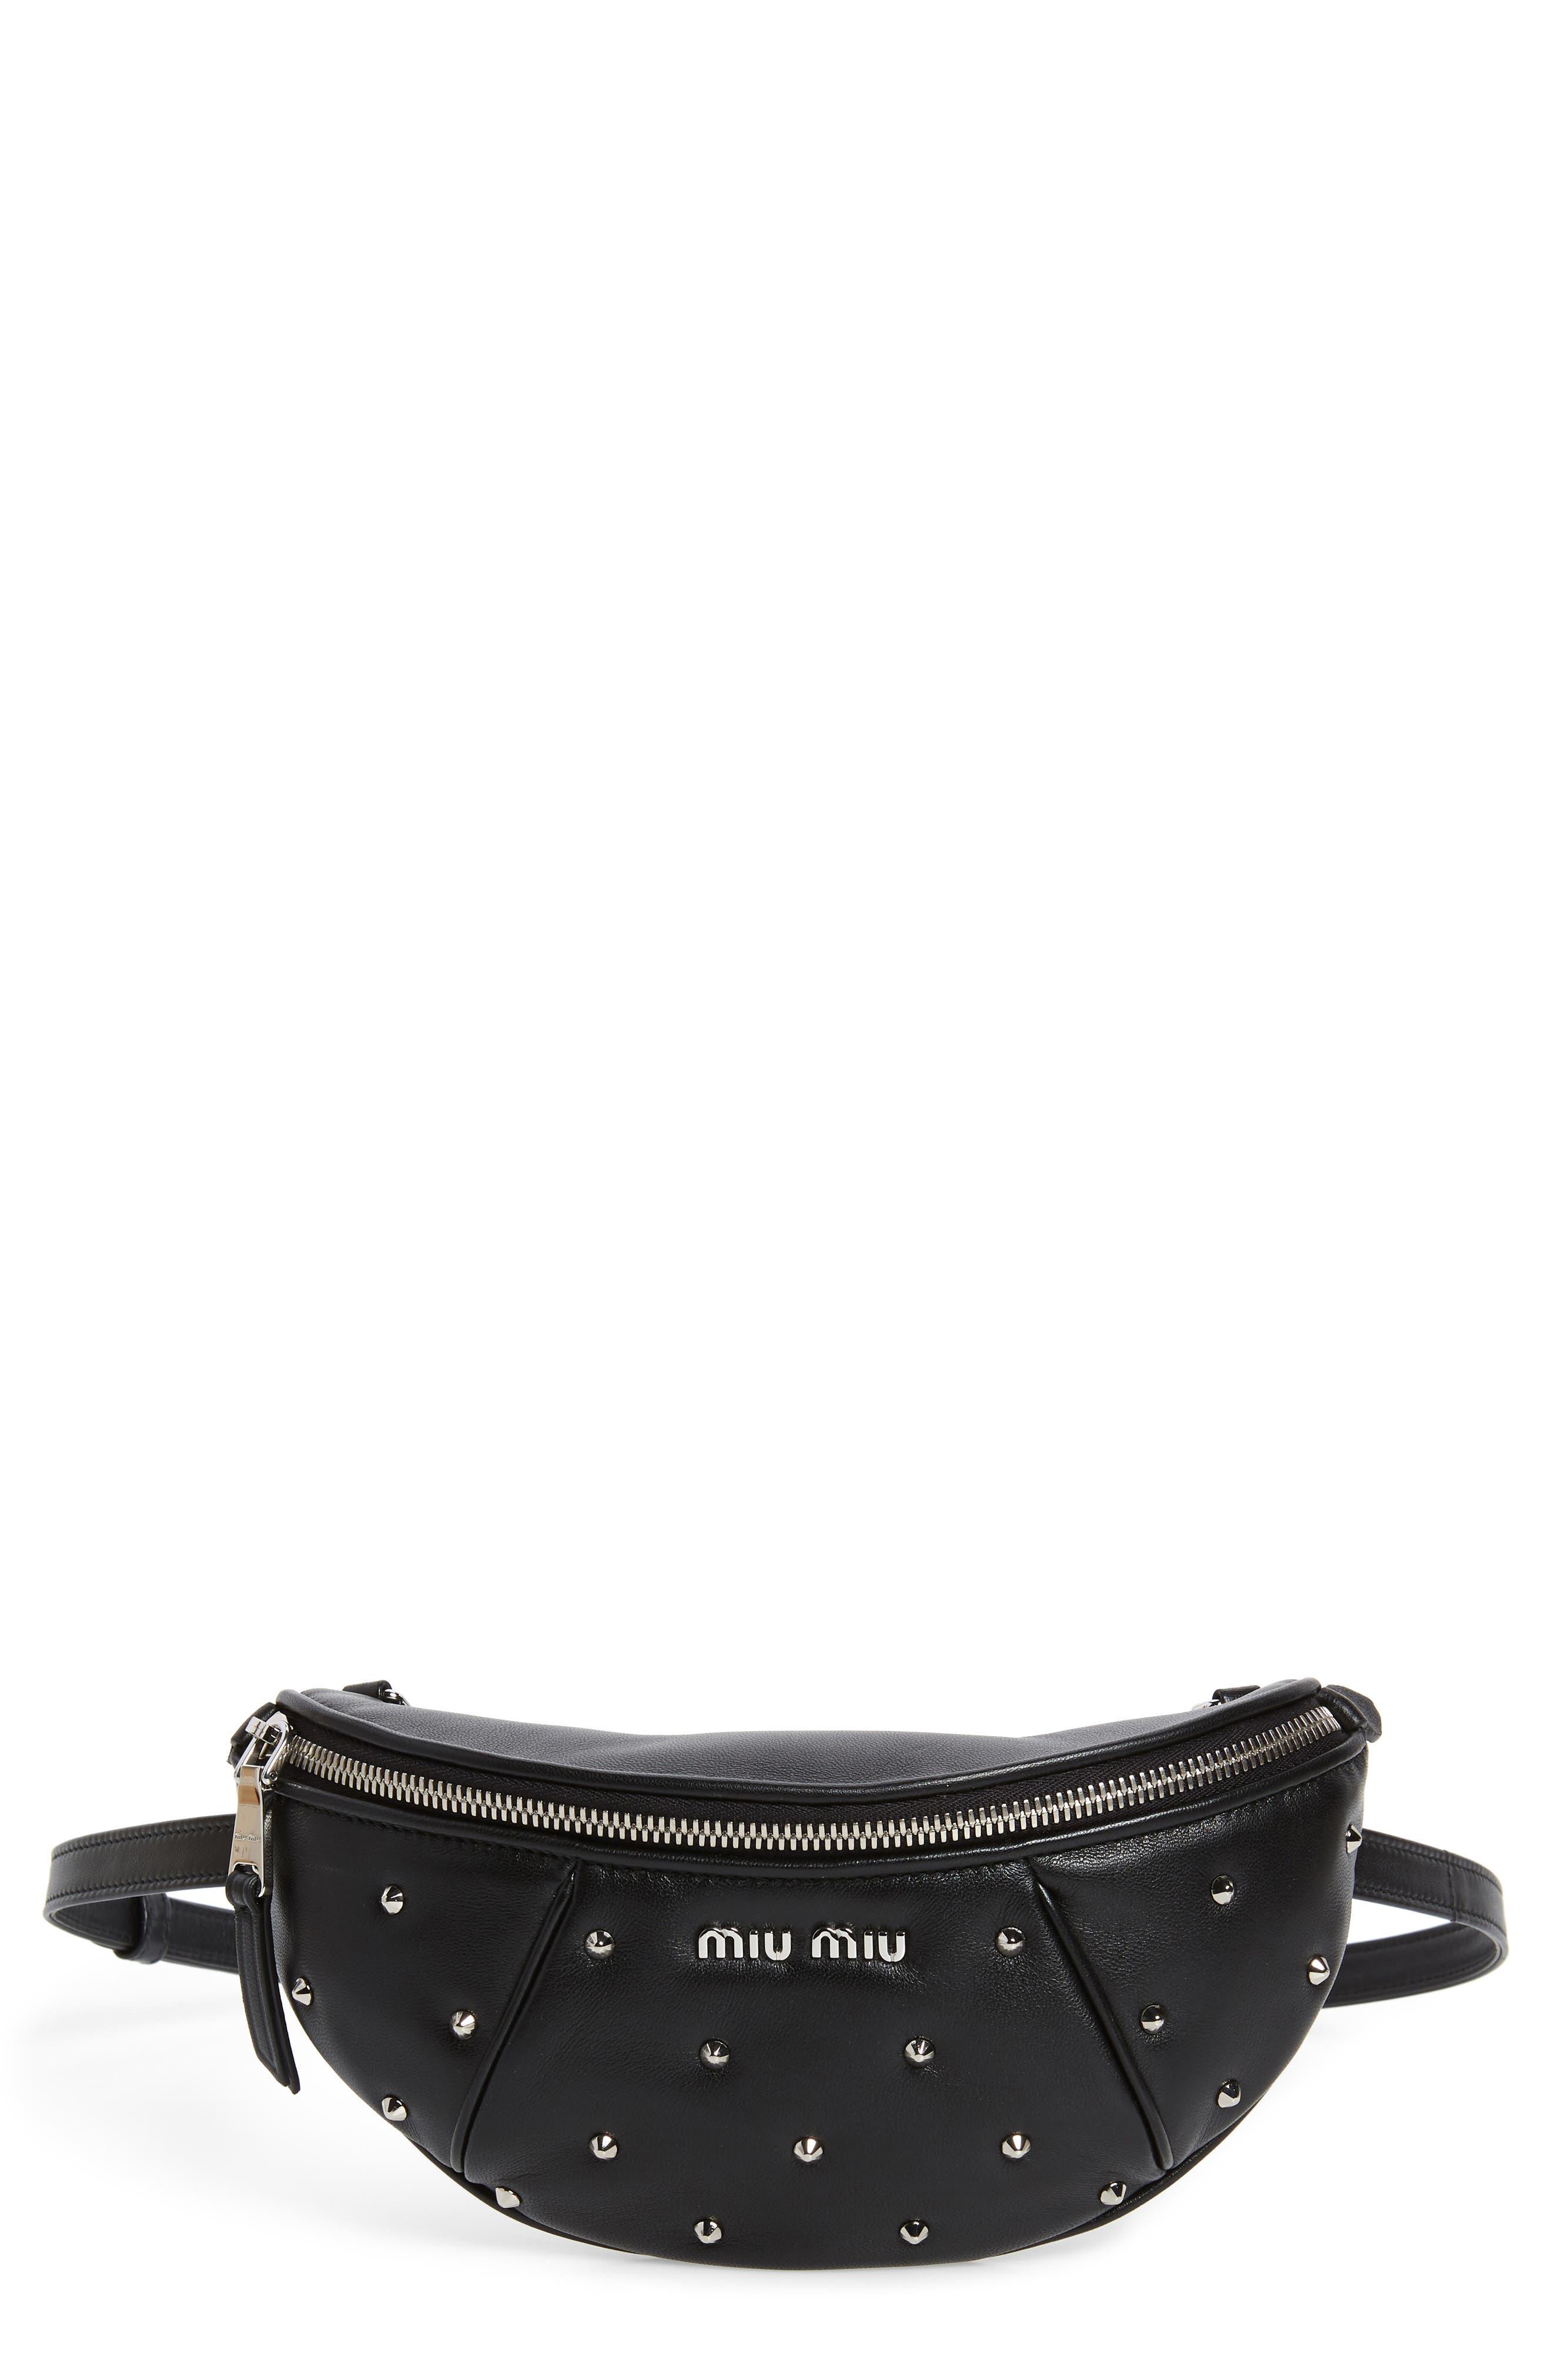 edf81041a47b Miu Miu Crossbody Bags